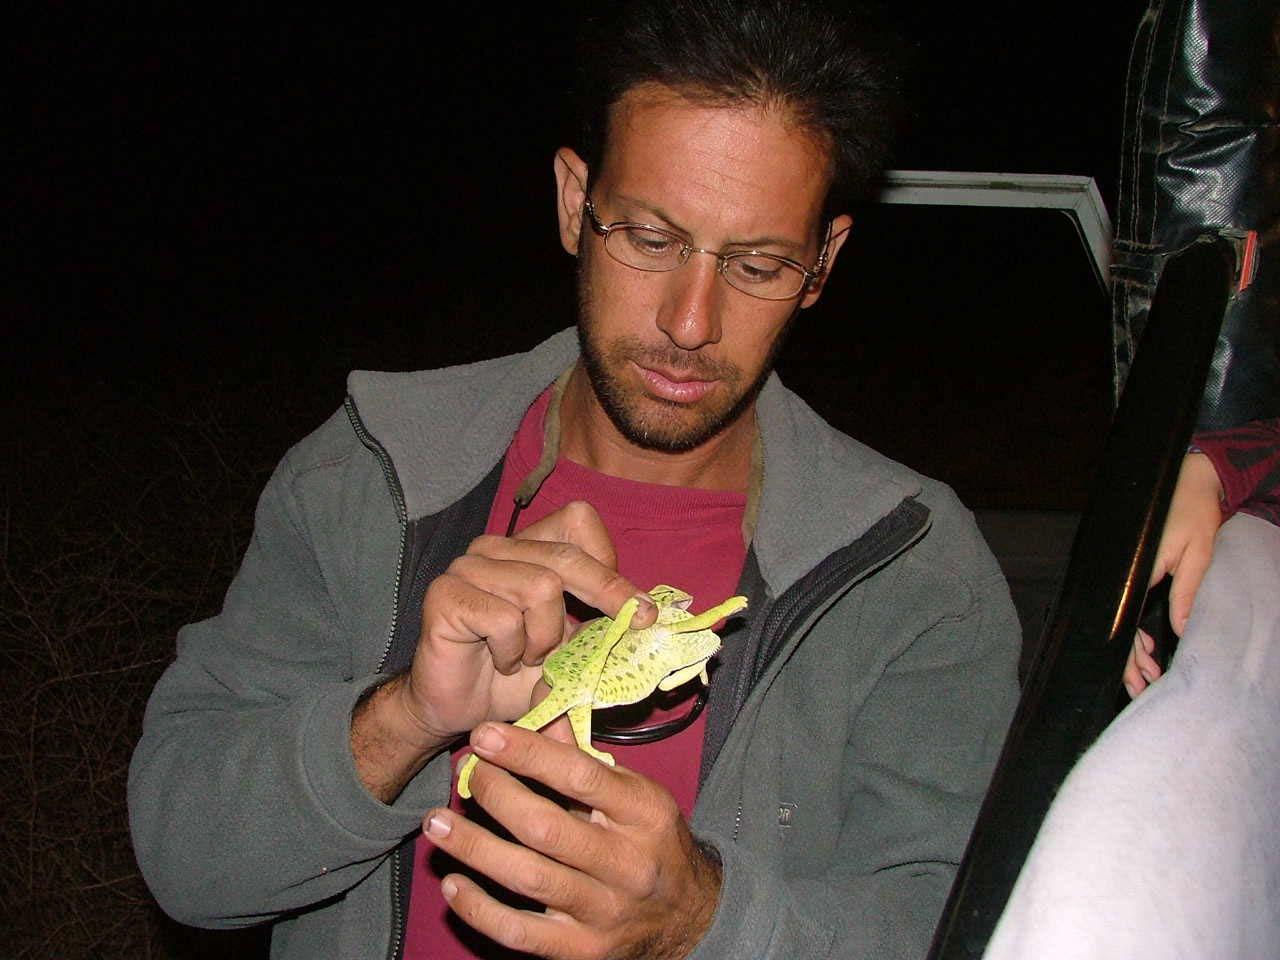 אבנר המדריך מחזיק זיקית באירוע פרטי בספארי לילה פלגי בזלת